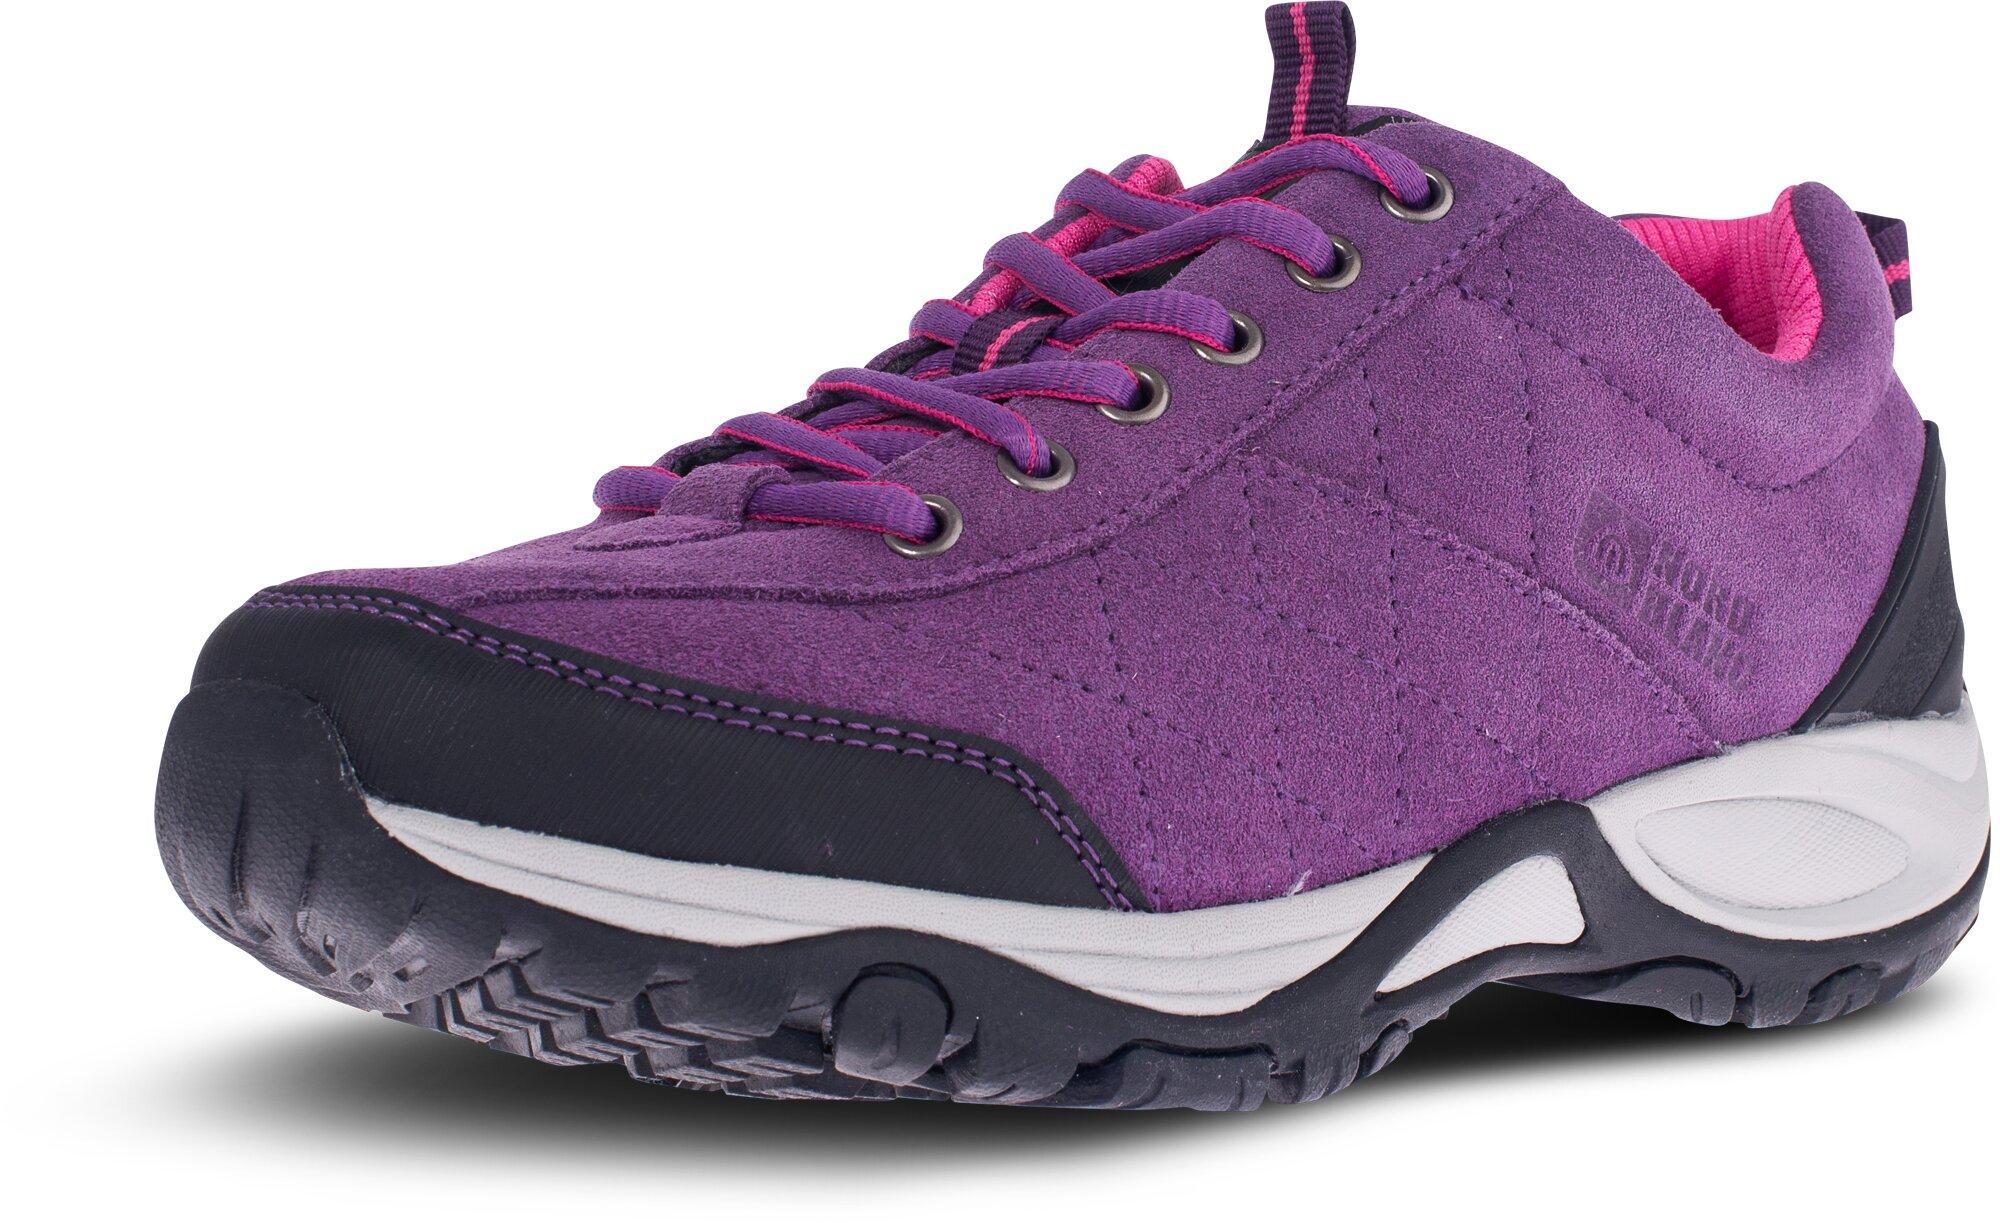 ... Fialové dámské kožené outdoorové boty MAIN LADY - NBLC81 ... 2b20c548f4